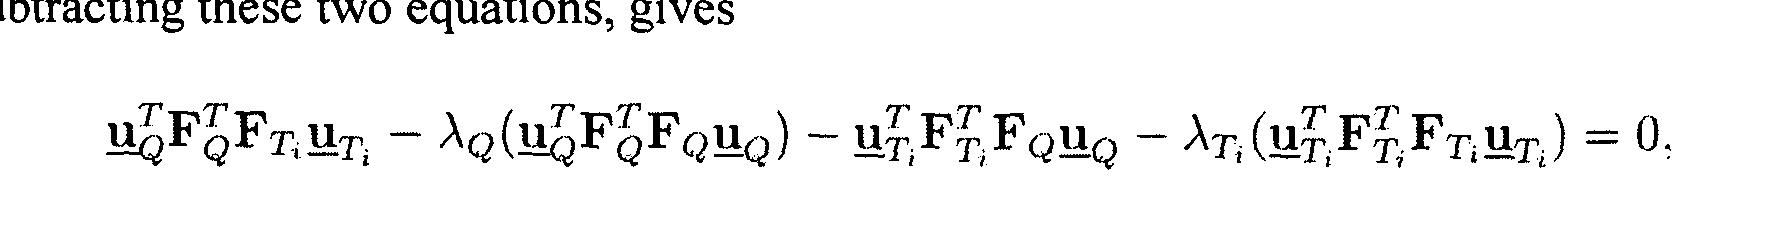 Figure imgf000035_0009